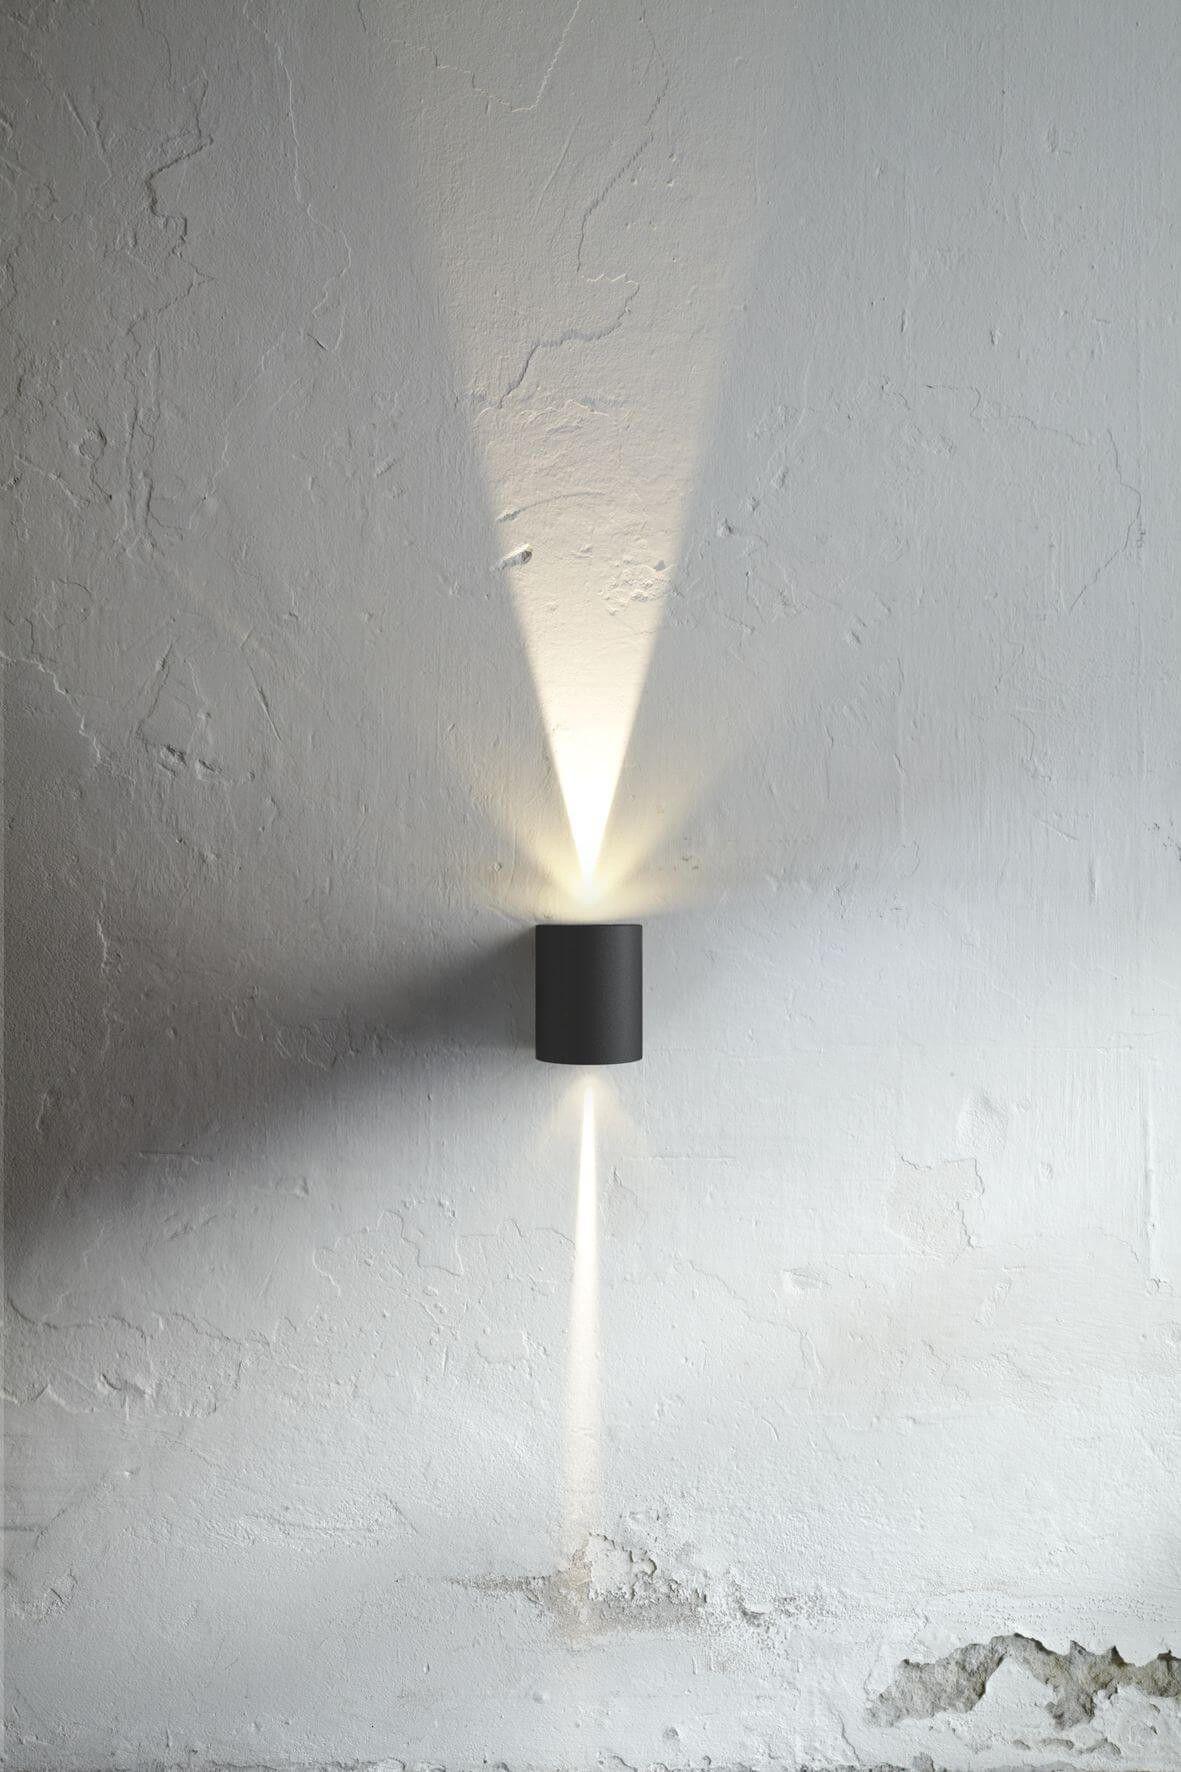 Moderne wohnideen außen außenwandlampe karo rund schwarz  lighting  pinterest  lighting